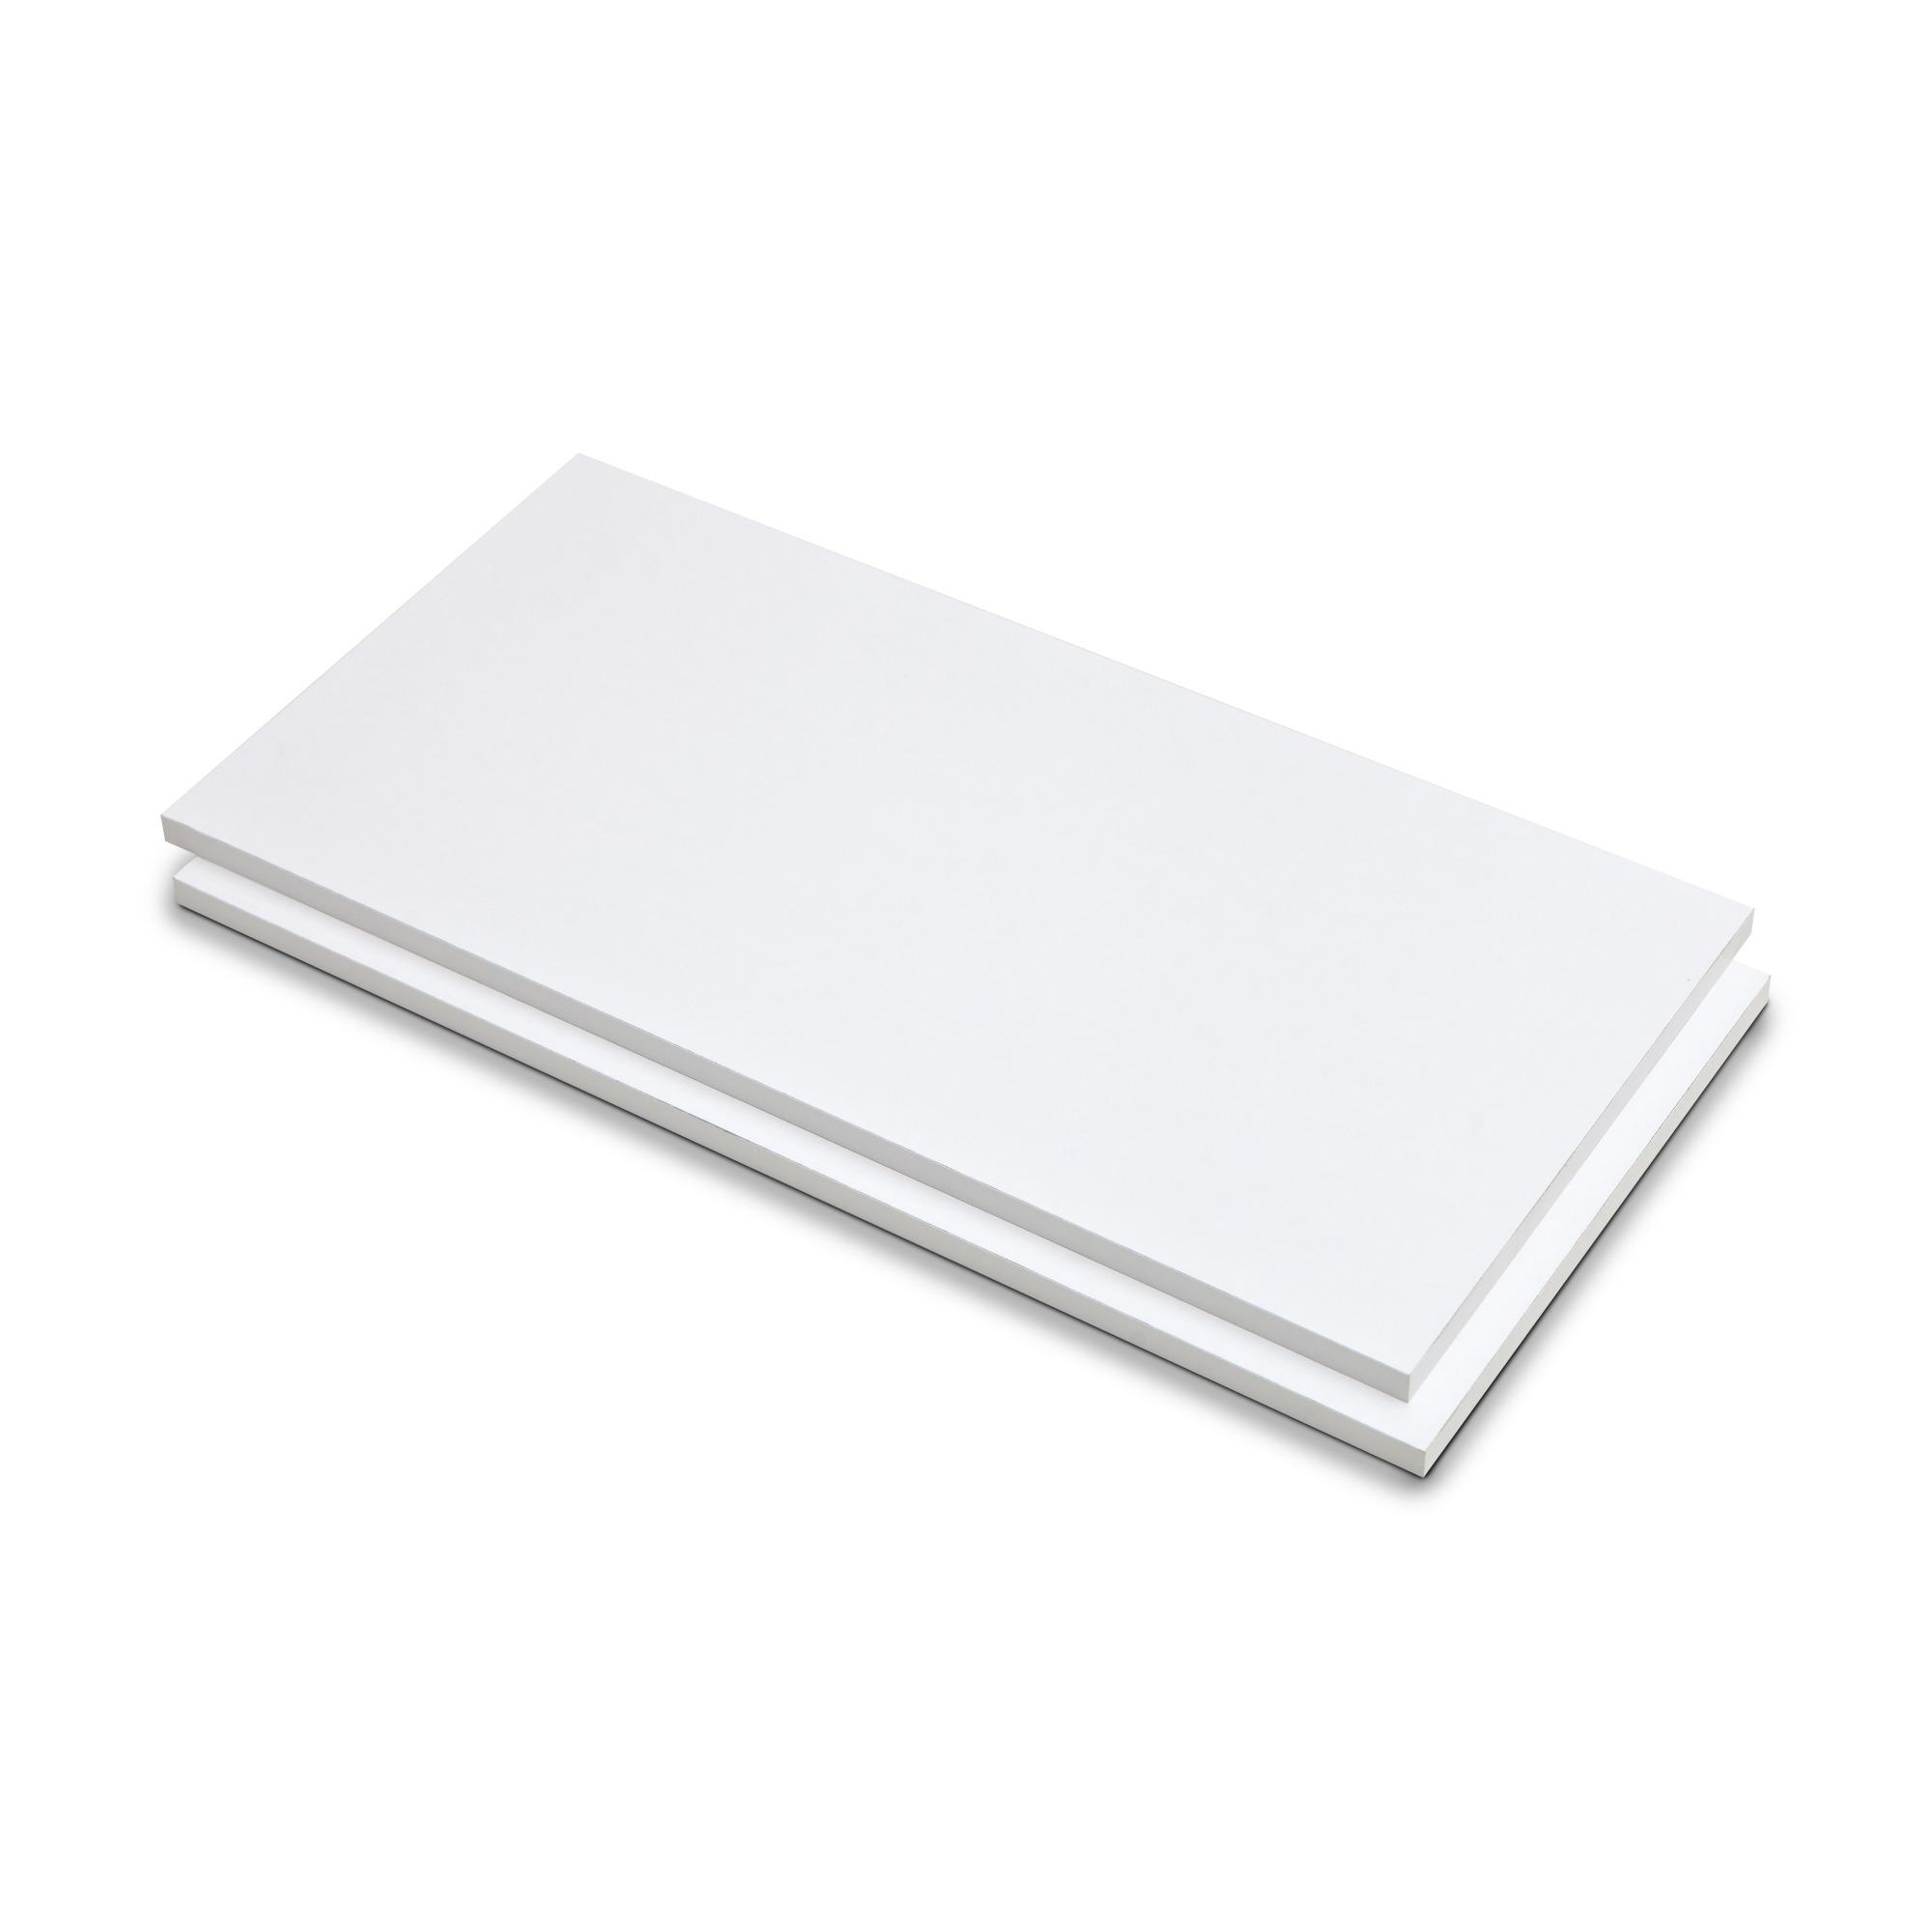 Prateleira de Madeira 25cm x 60cm Branco 605625 - Fico